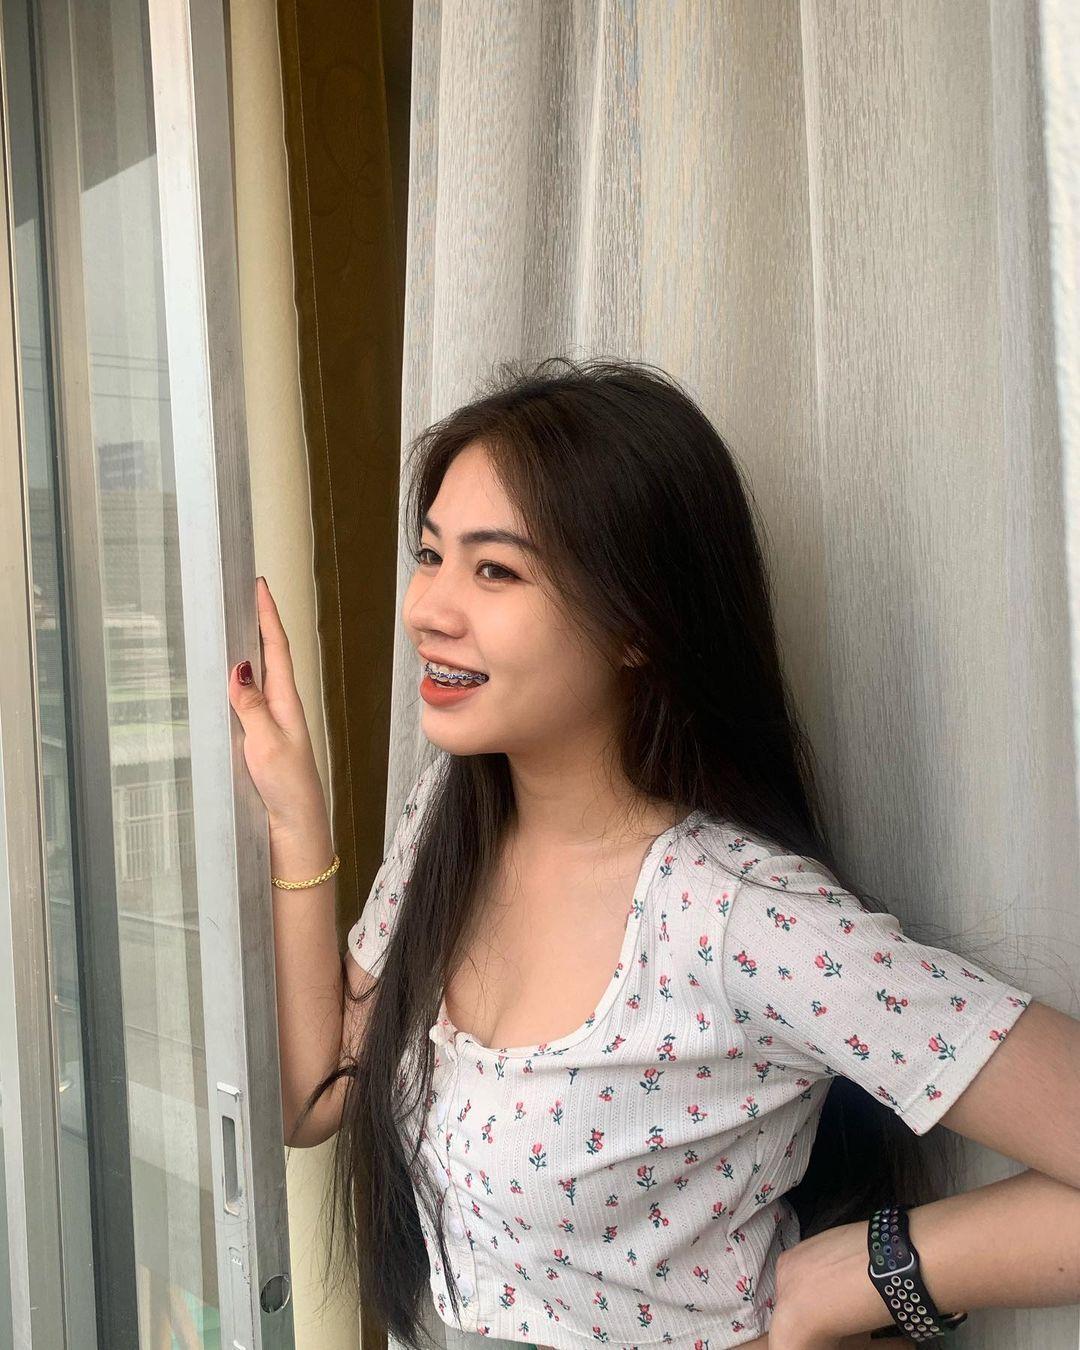 泰国超白皙大眼高中妹子Ploykanda,纤细苗条还有马甲线!-新图包